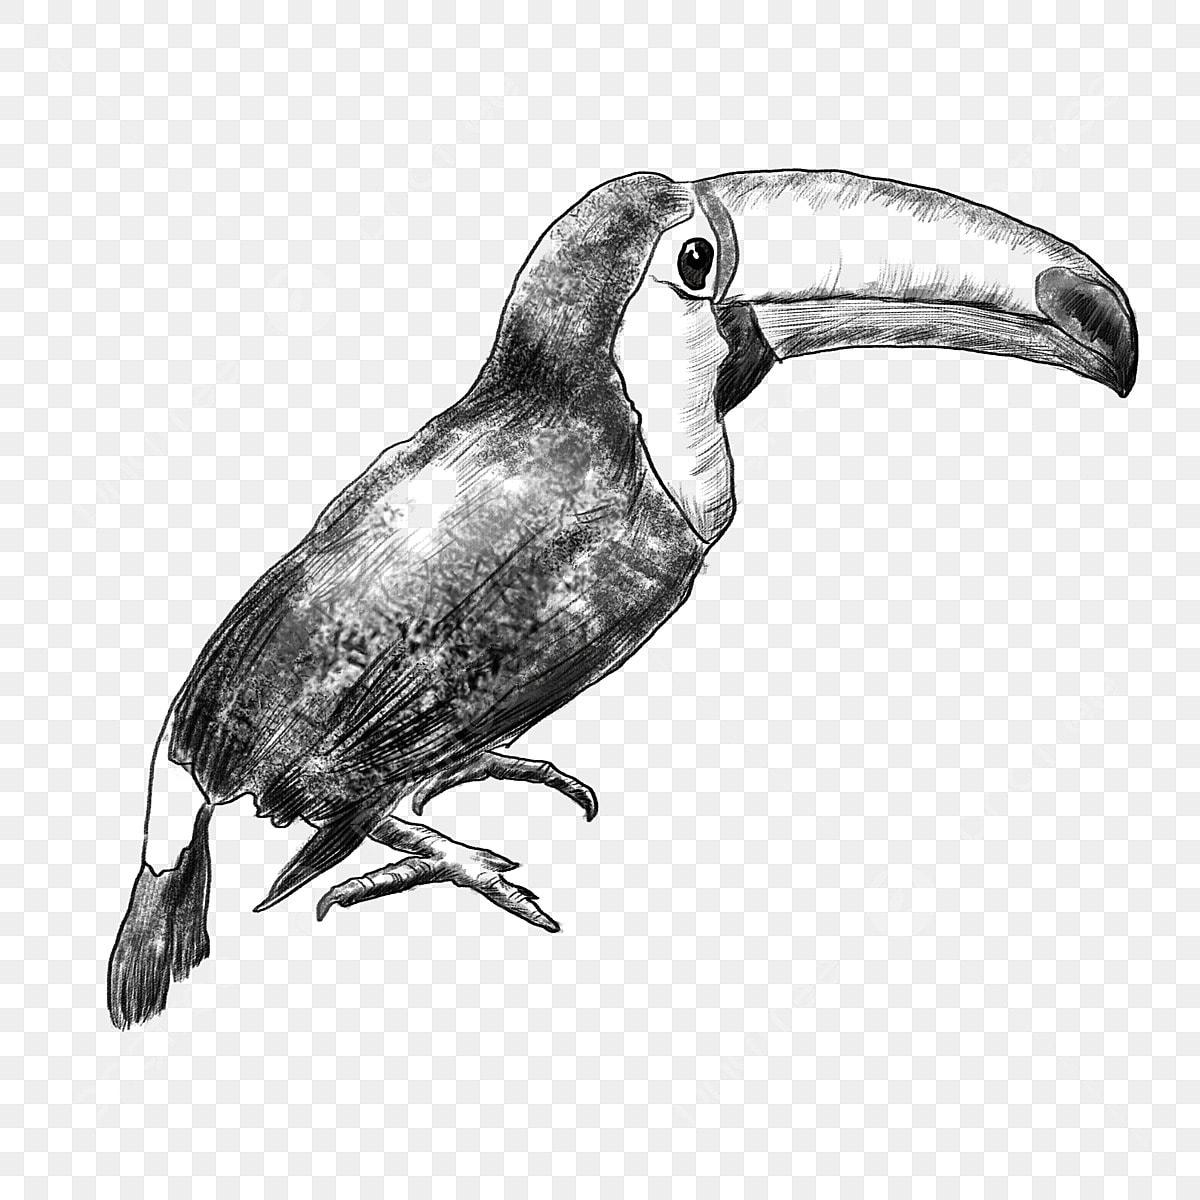 Dessin Au Trait Noir Et Blanc Oiseau Oiseau éléments